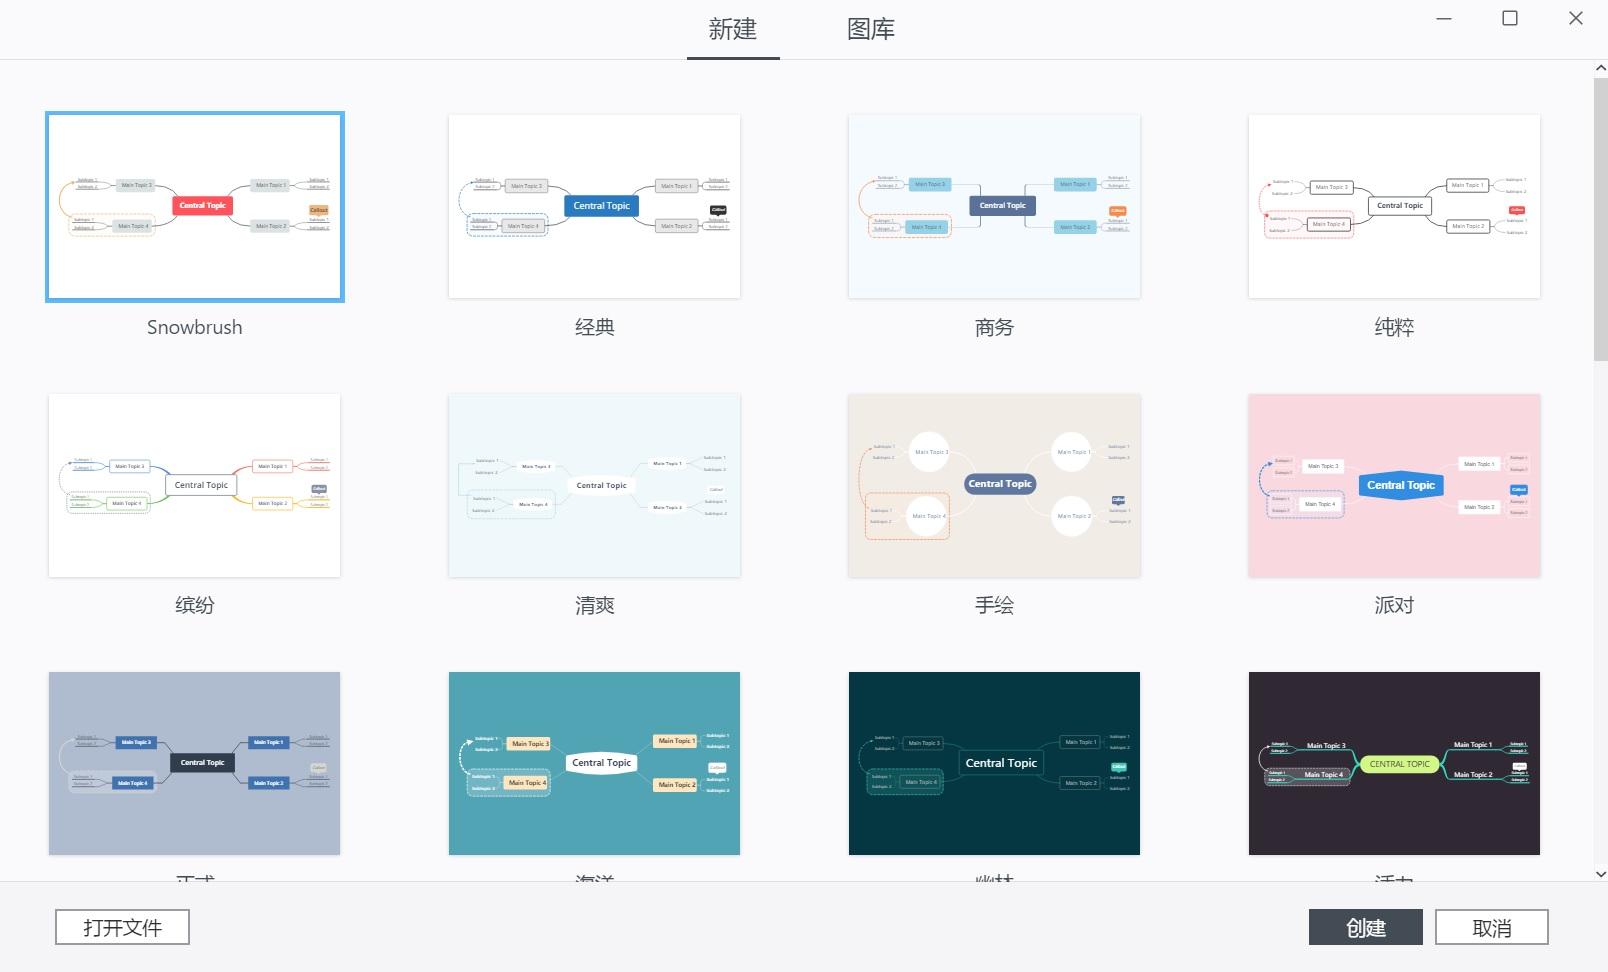 思维导图软件 XMind ZEN 2020 win&mac v10.0.2 中文破解版(附破解补丁)